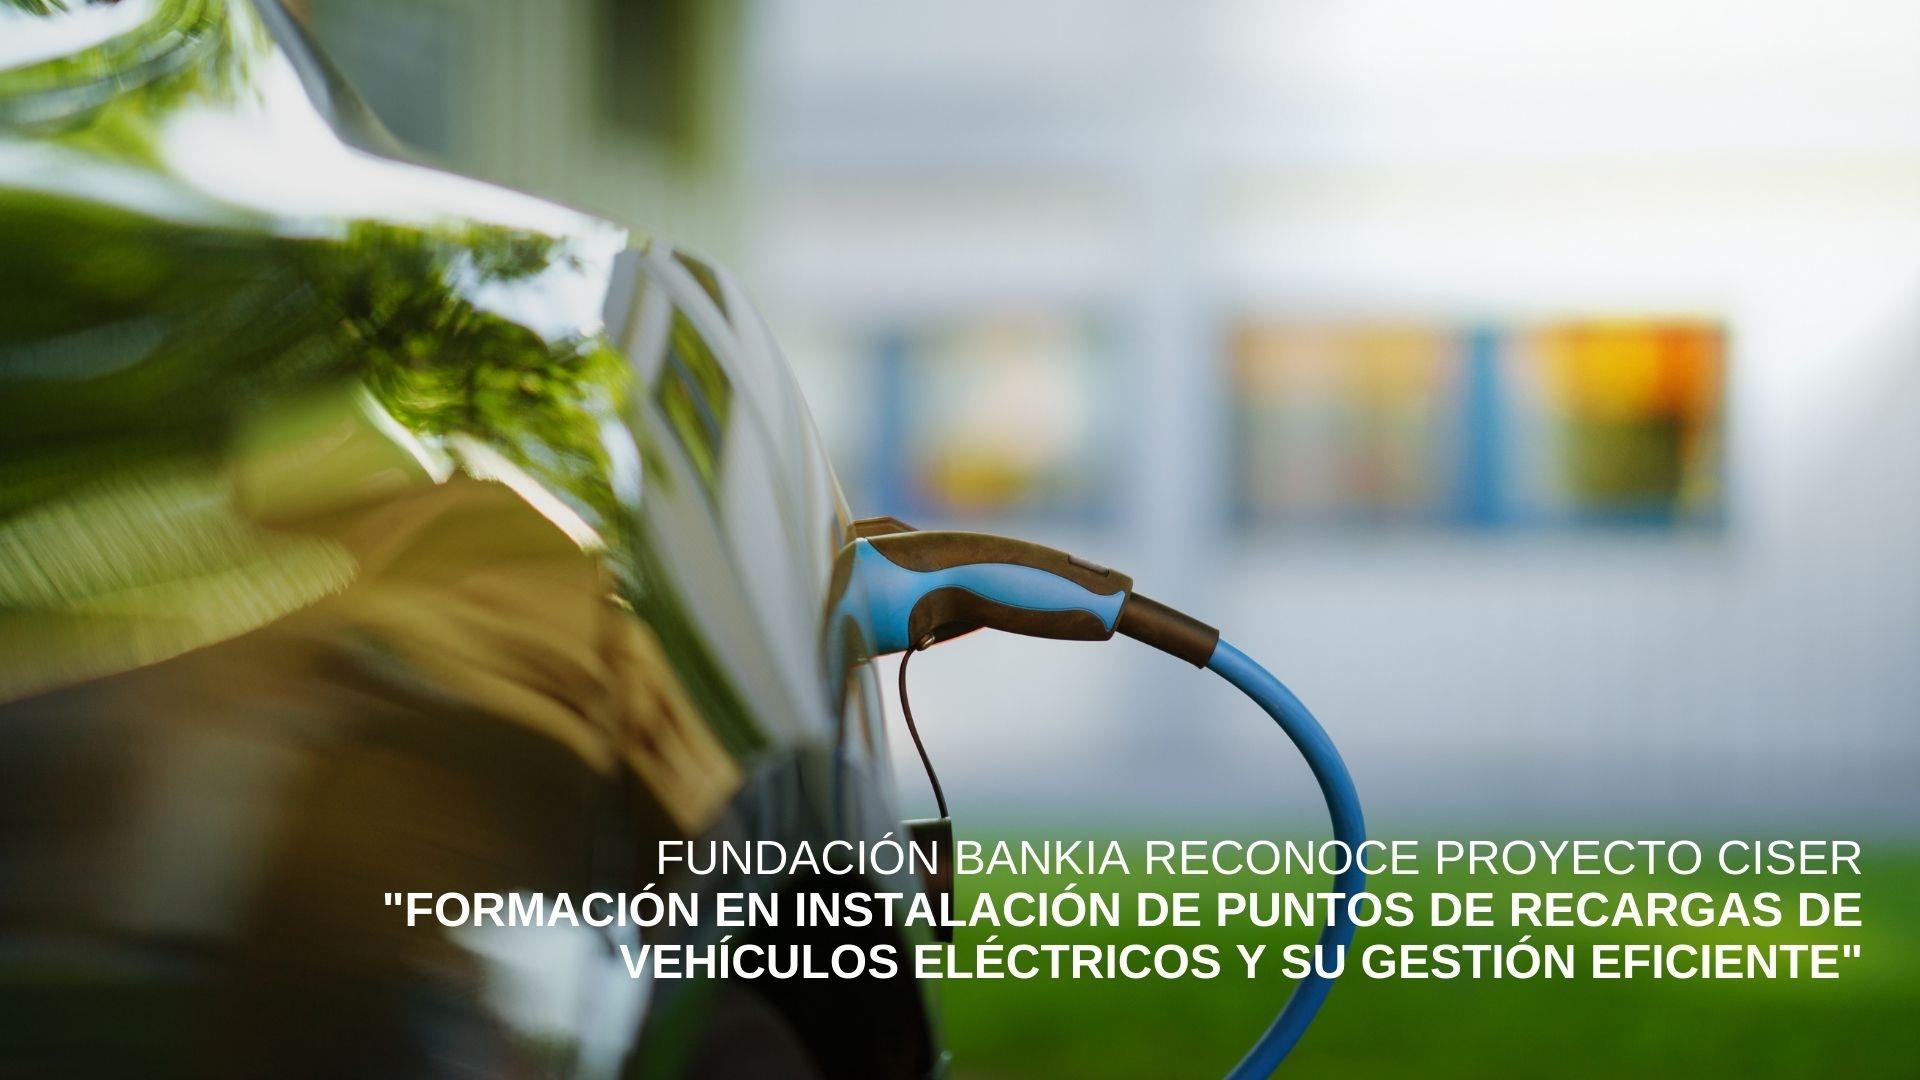 Cenifer-CISER Fundación Bankia reconoce proyecto formación en instalación de puntos de recargas de vehículos eléctricos y su gestión eficiente